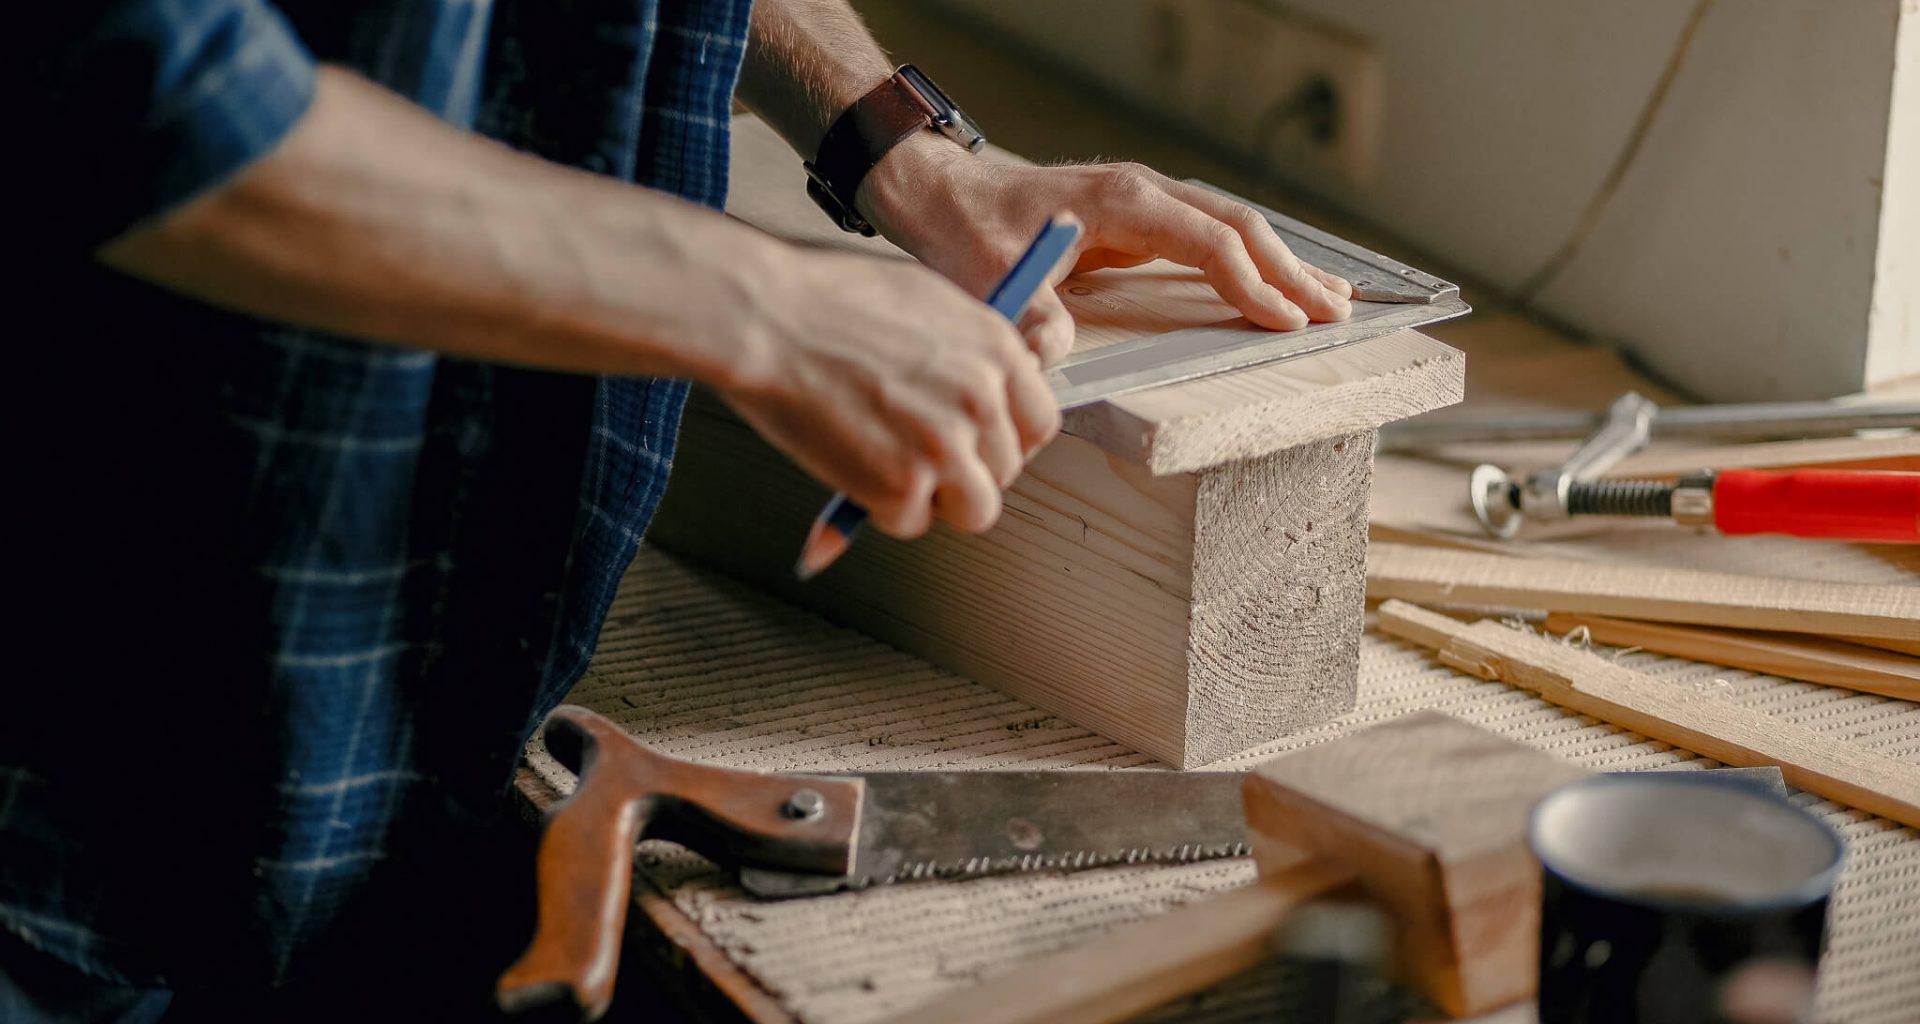 Mand arbejder i træværksted